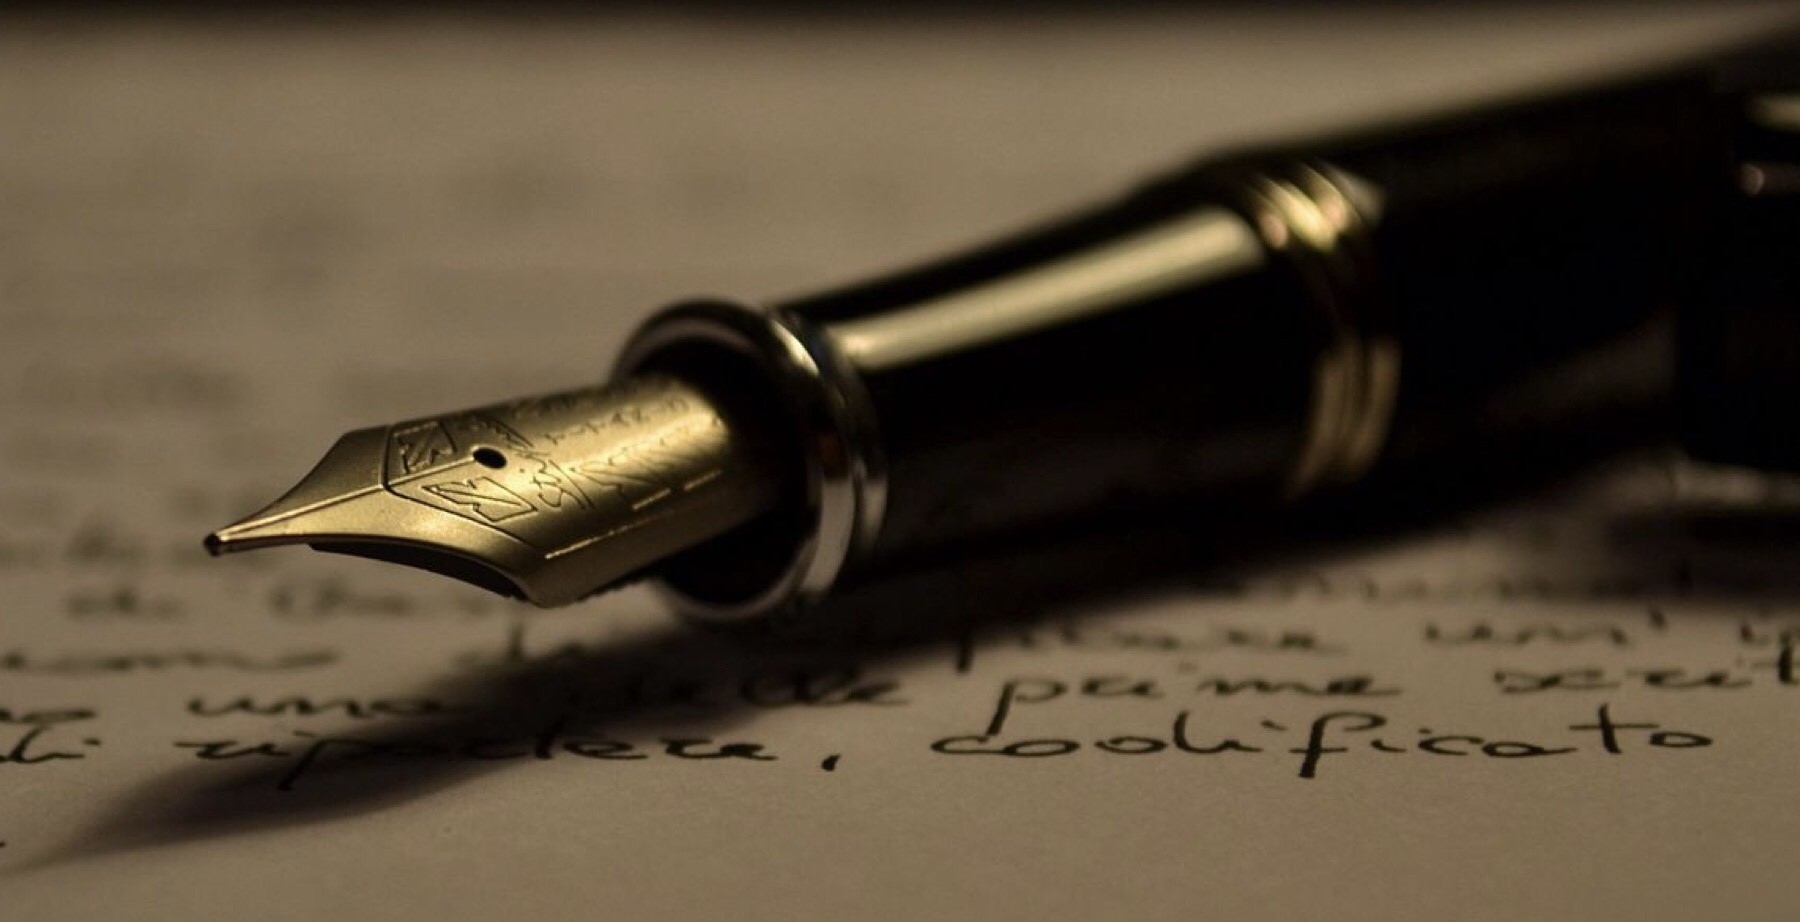 L'avenir c'est à vous de l'écrire